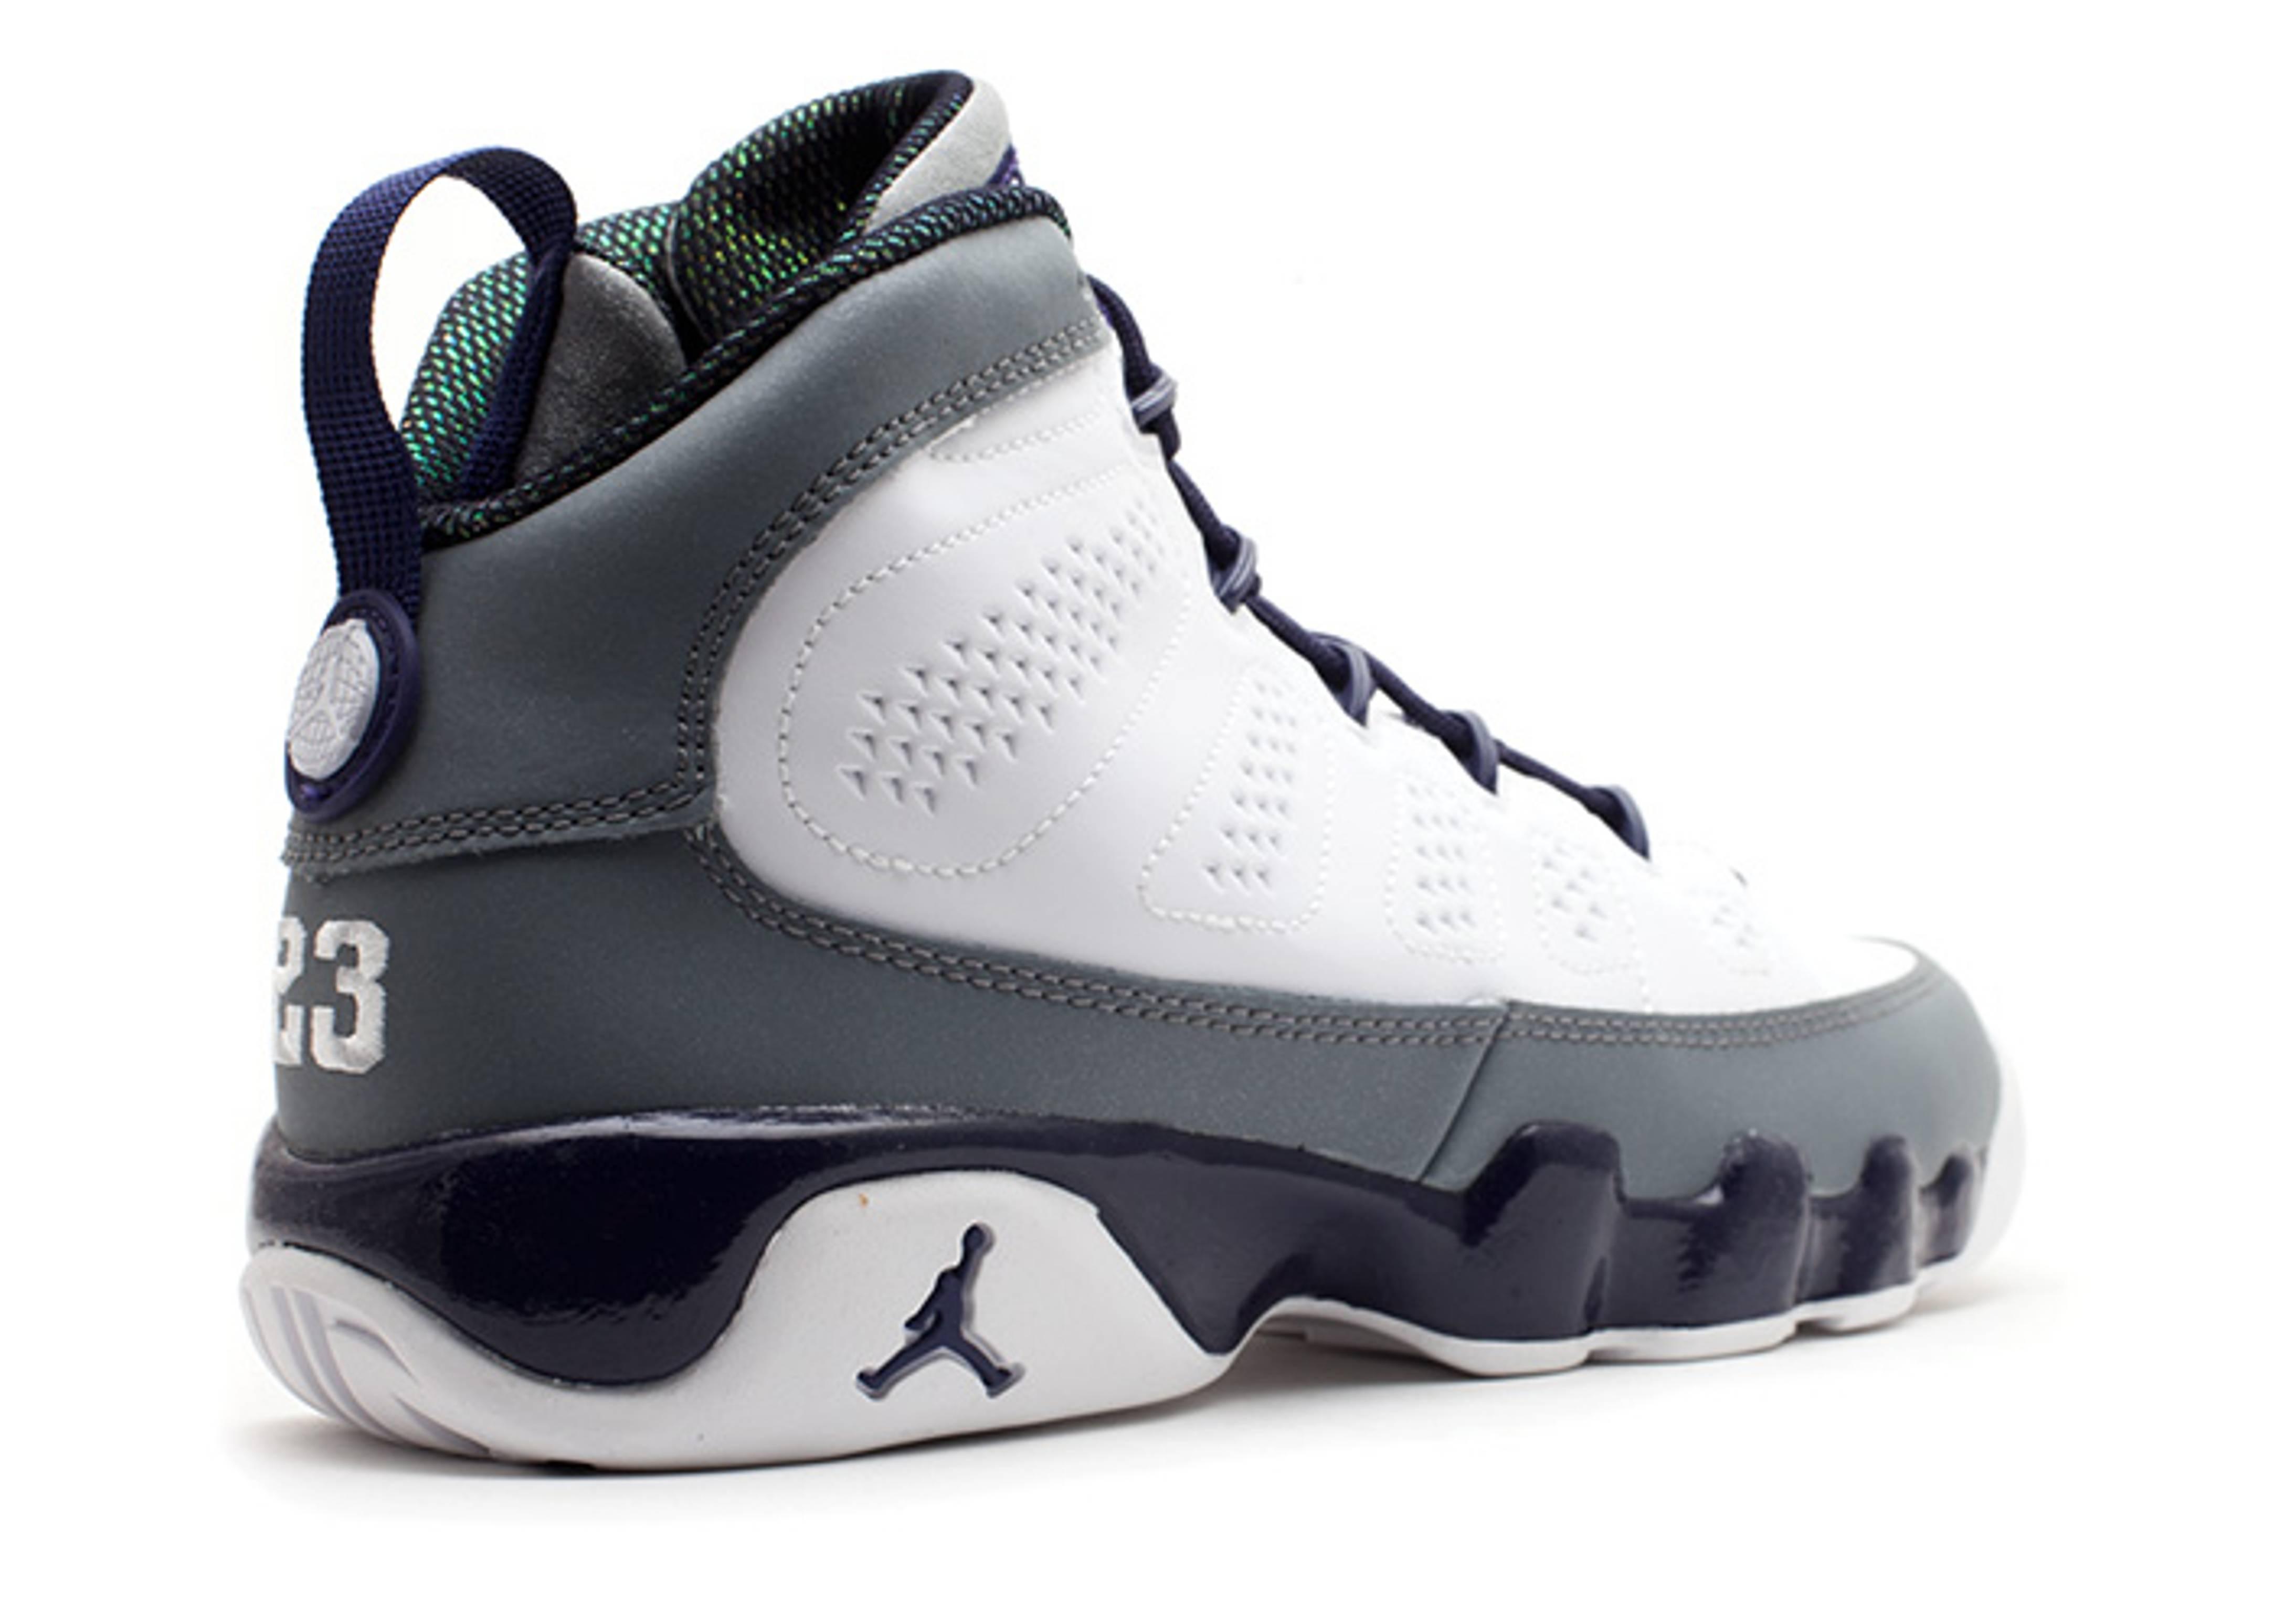 ede2e86a617b71 Girls Air Jordan 9 Retro (gs) - Air Jordan - 537736 109 - white imperial  purple-cl grey